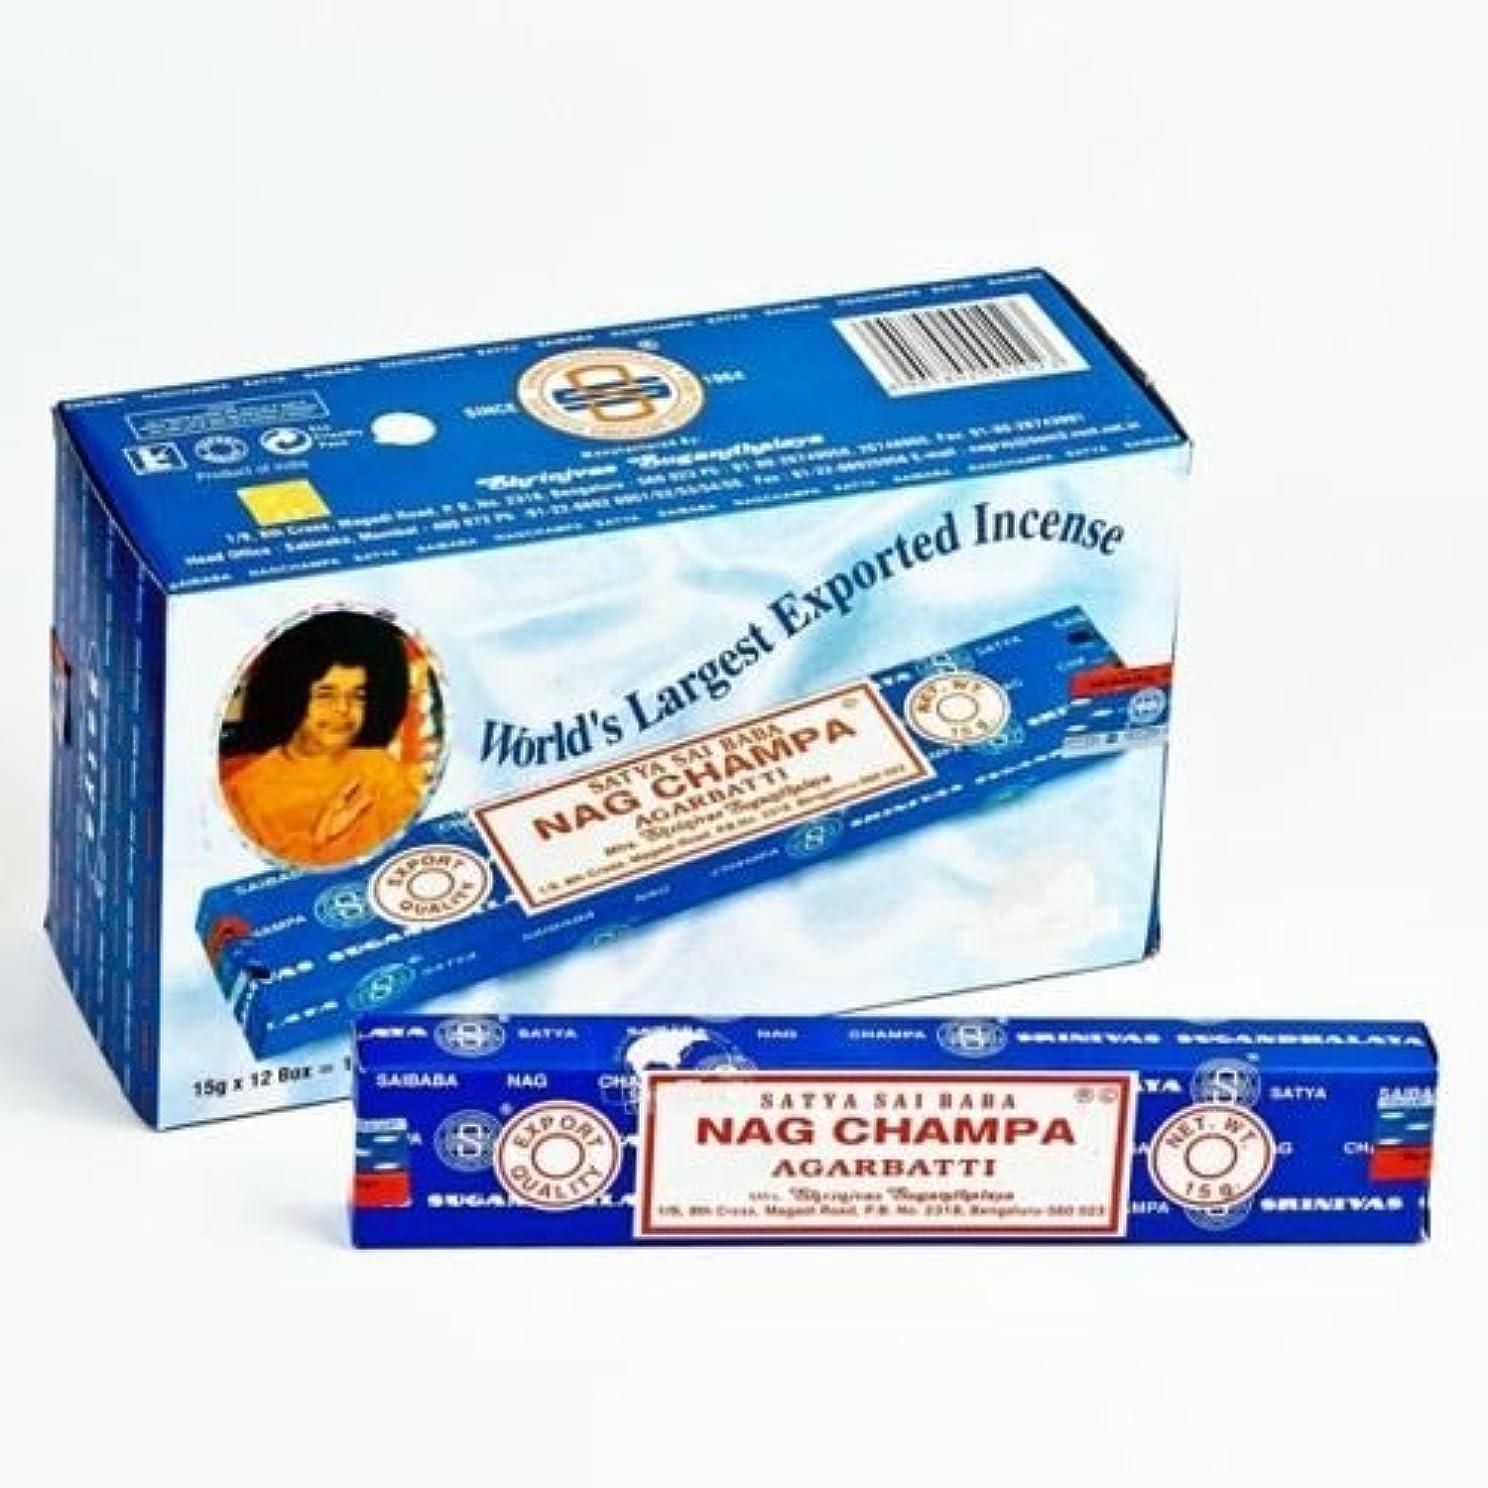 優先ホイッスル本当のことを言うとNag Champa incense sticks 15G X 12 BOX = 180G